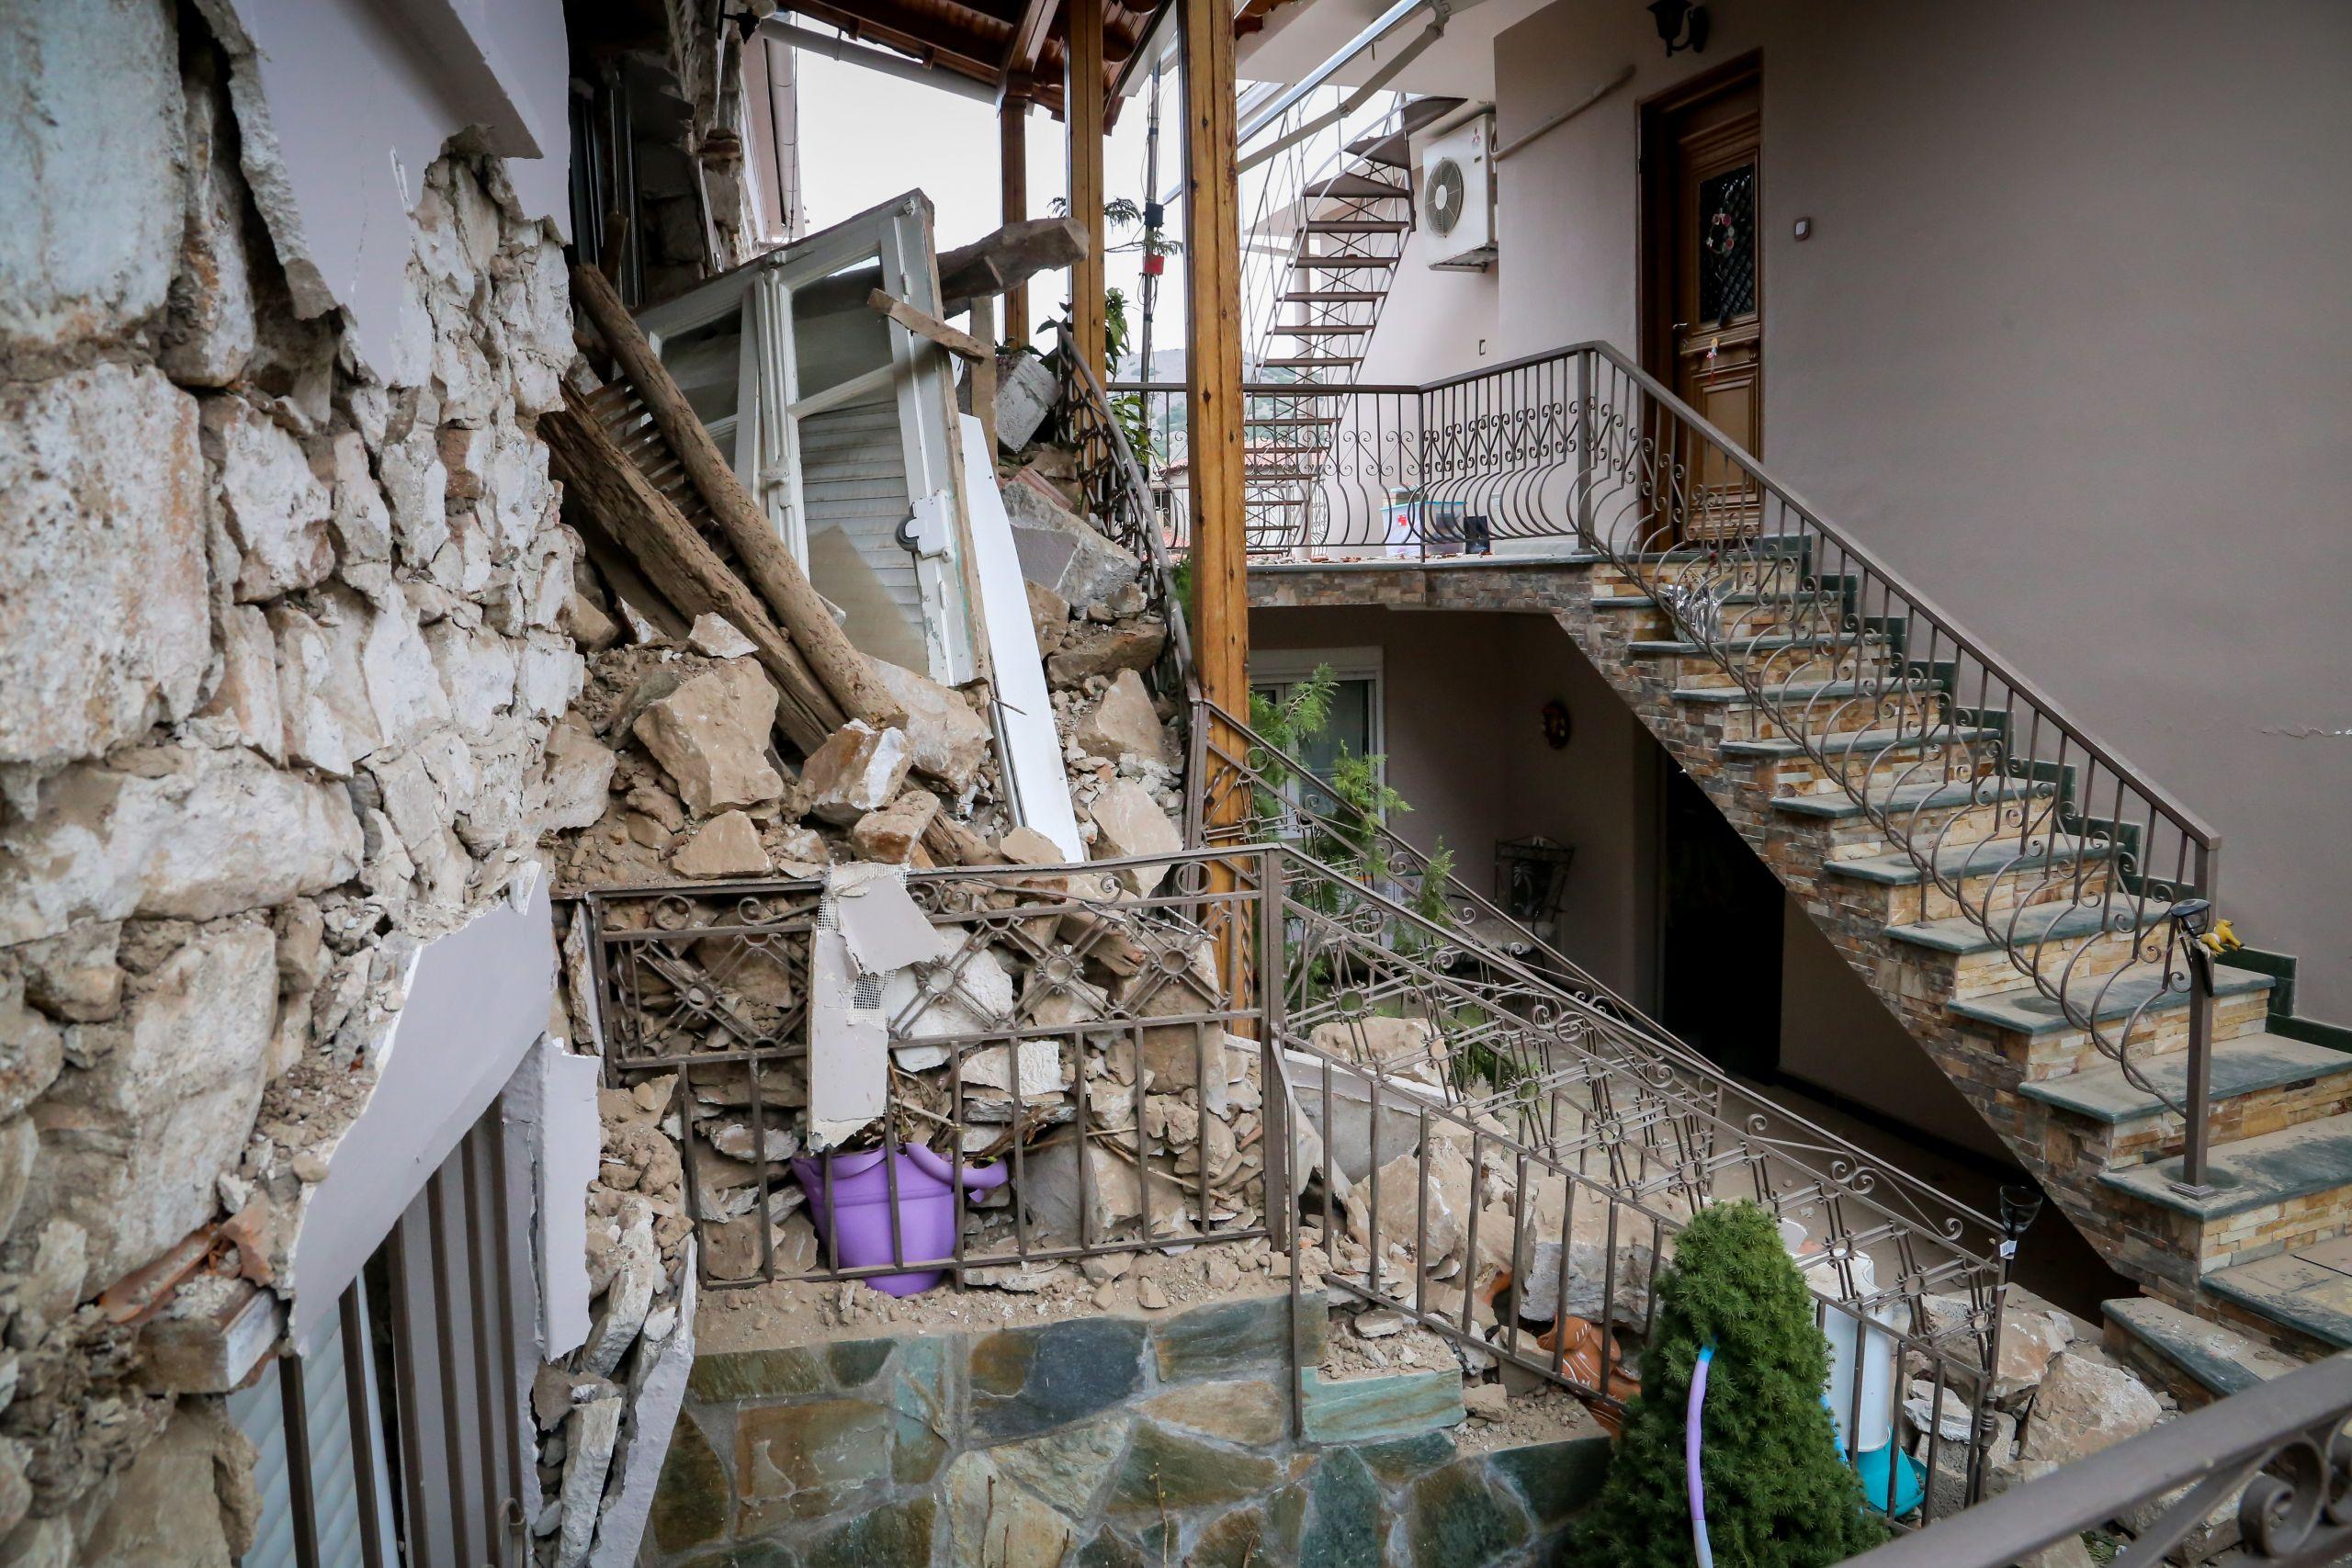 Λάρισα: Σήμερα αναμένονται οι οικίσκοι